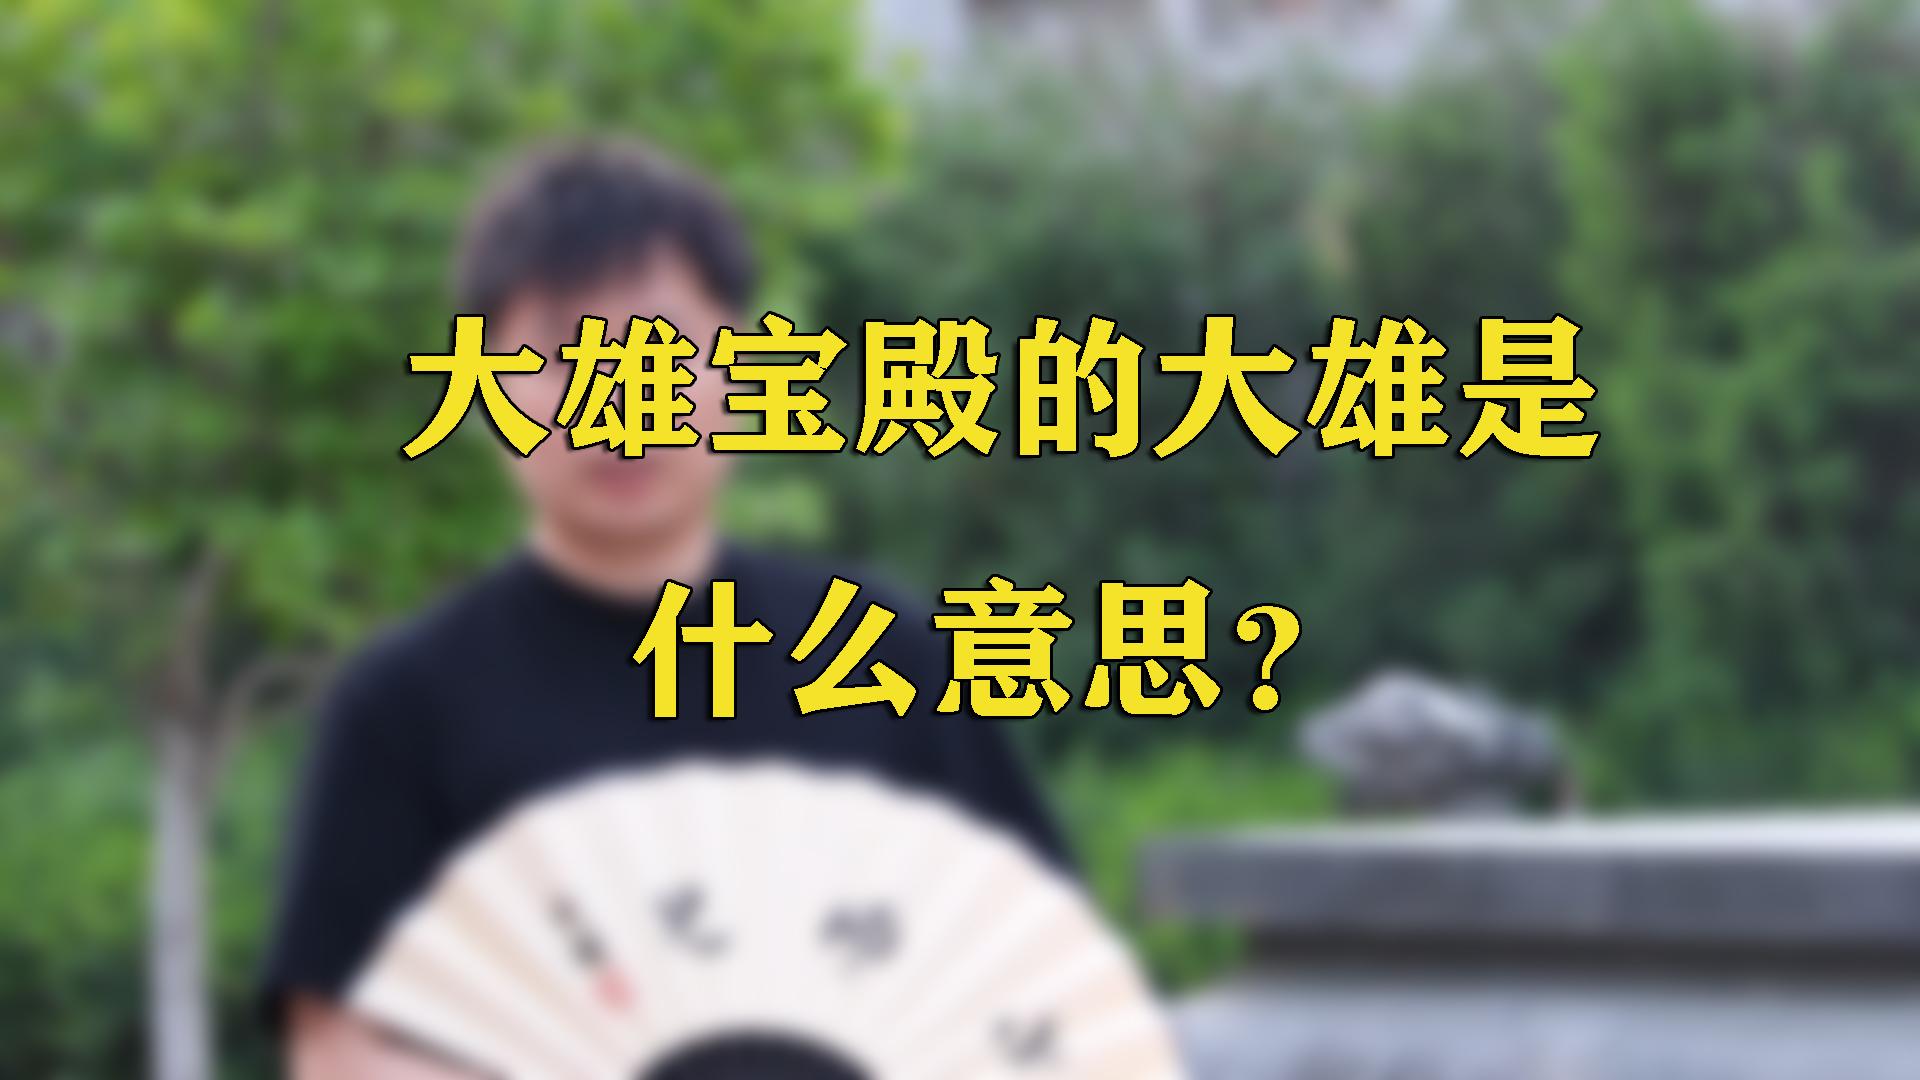 《问禅小师兄》第九期:大雄宝殿的大雄是什么意思?